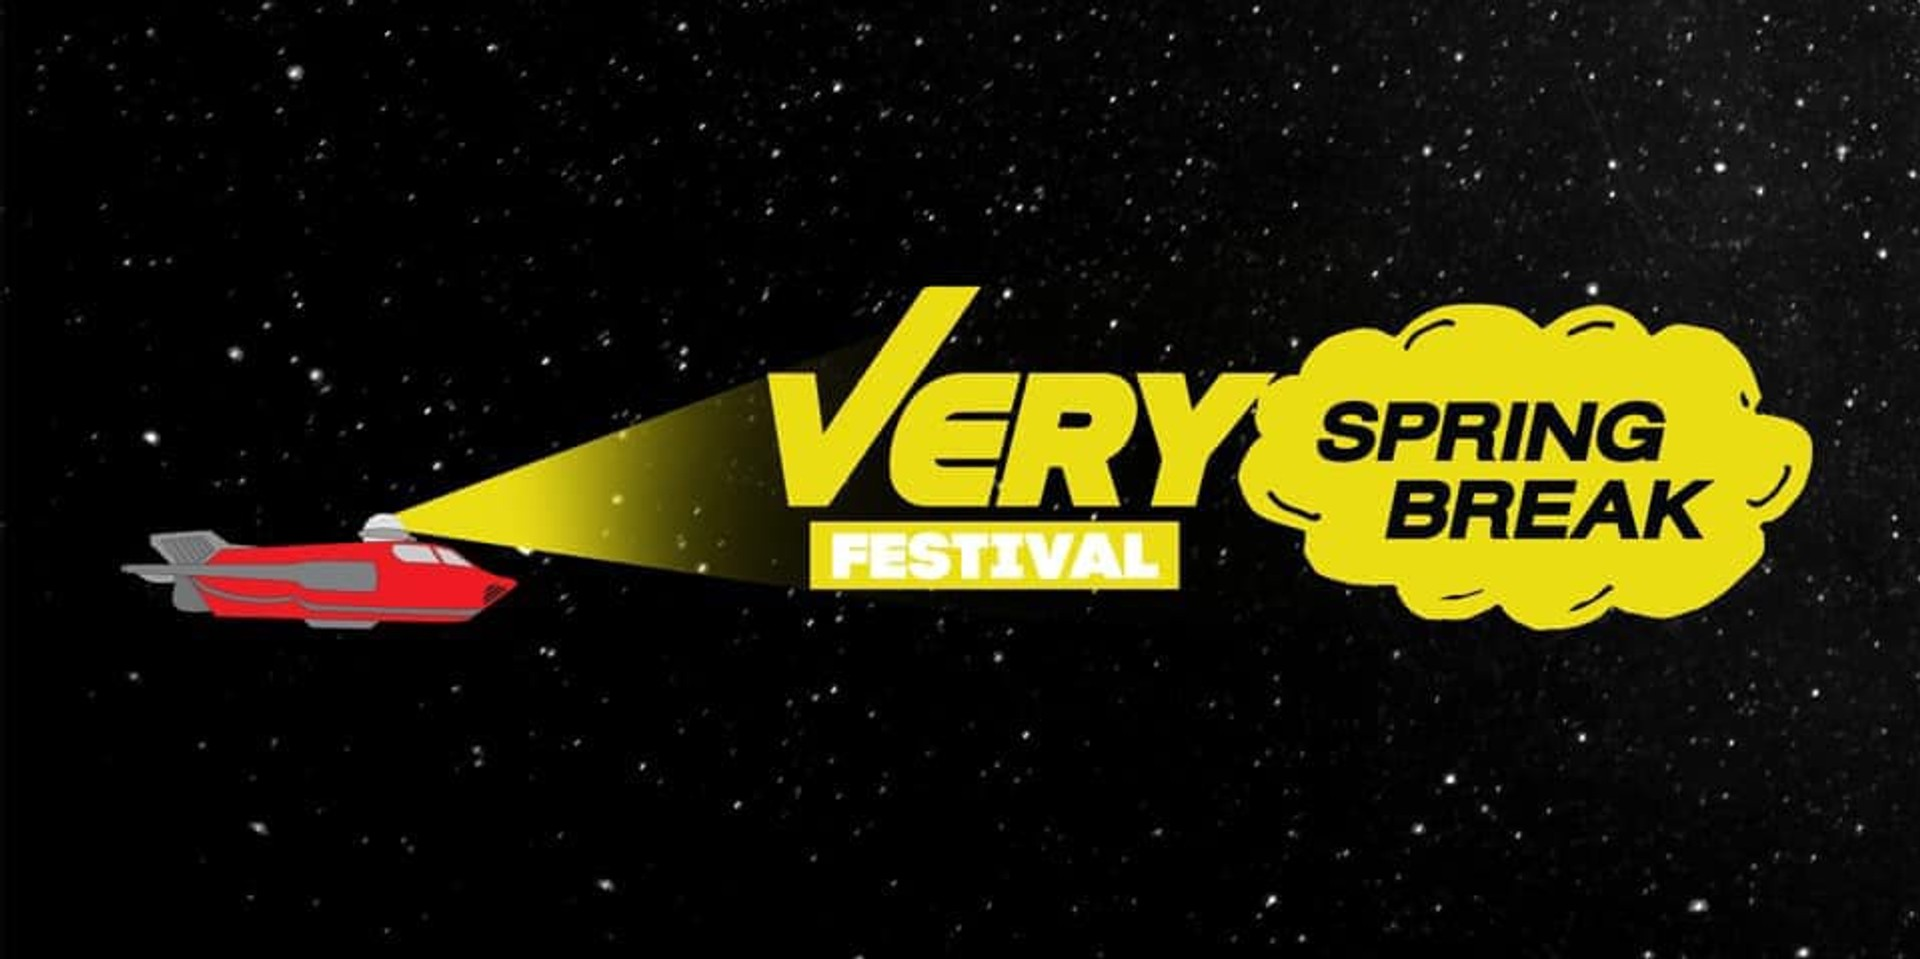 Bangkok's VERY Festival: Spring Break rescheduled